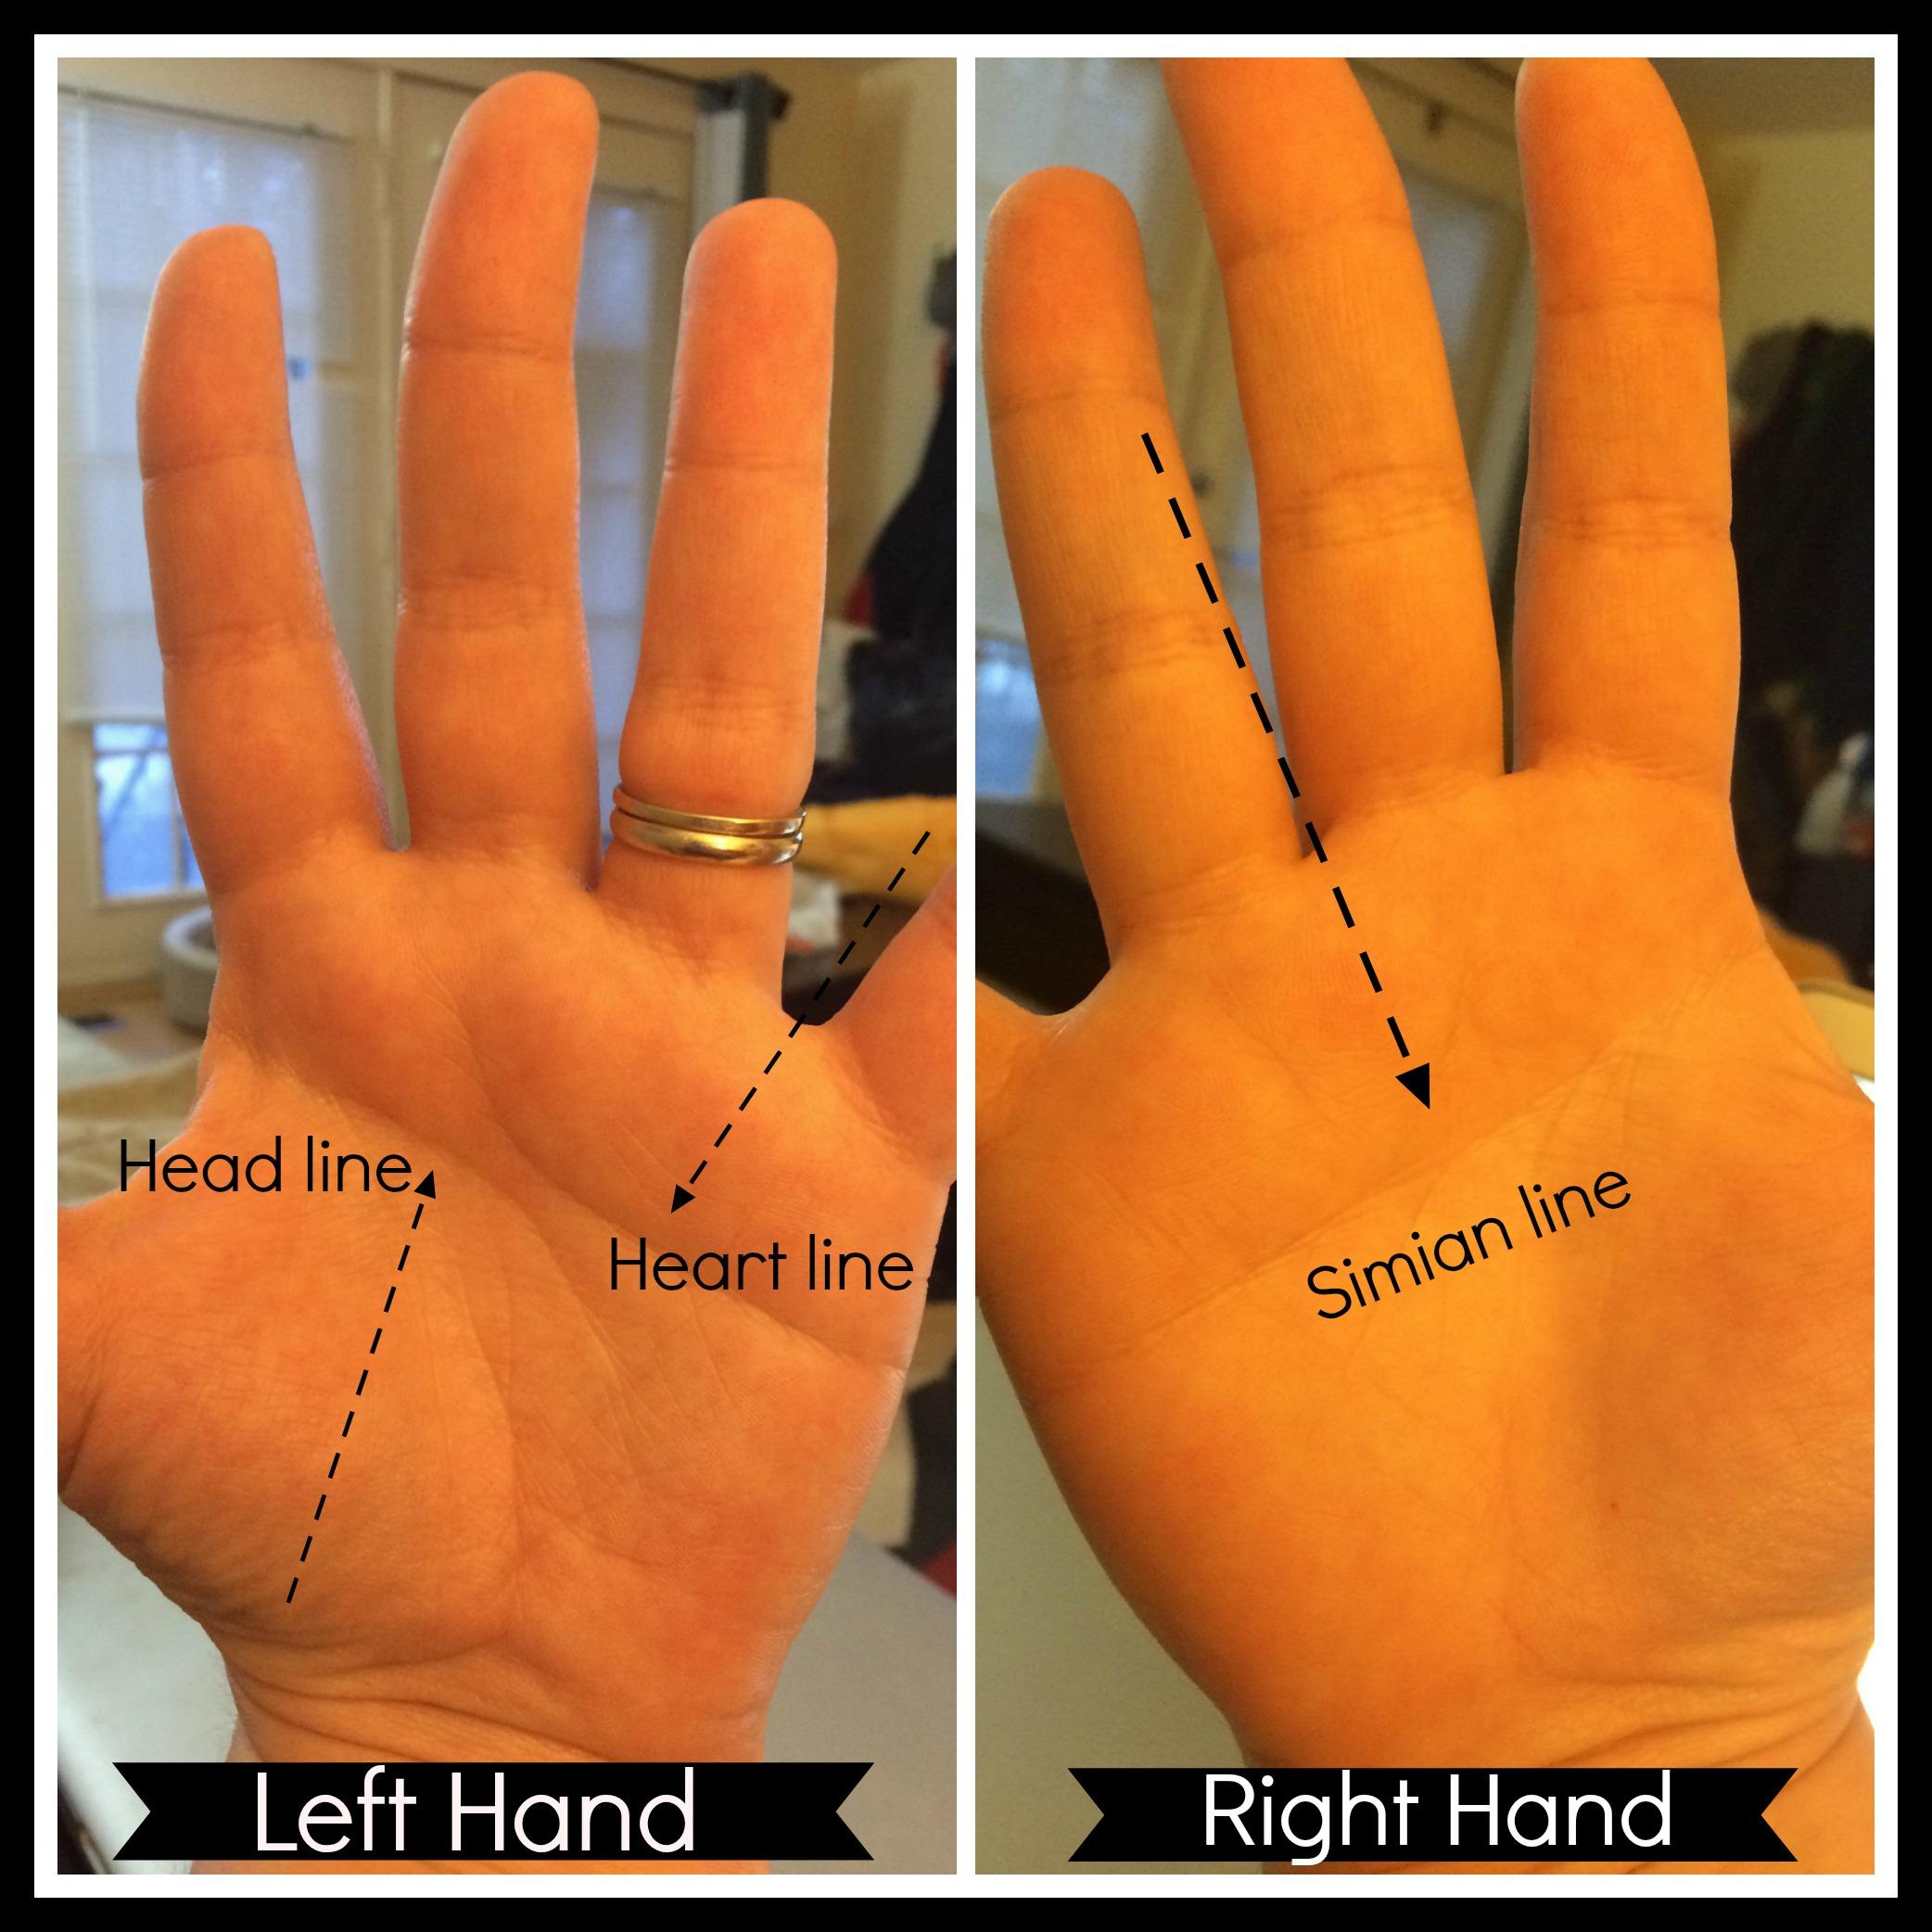 Simian line palmistry tony blair tony bliar - Right Hand Simian Line